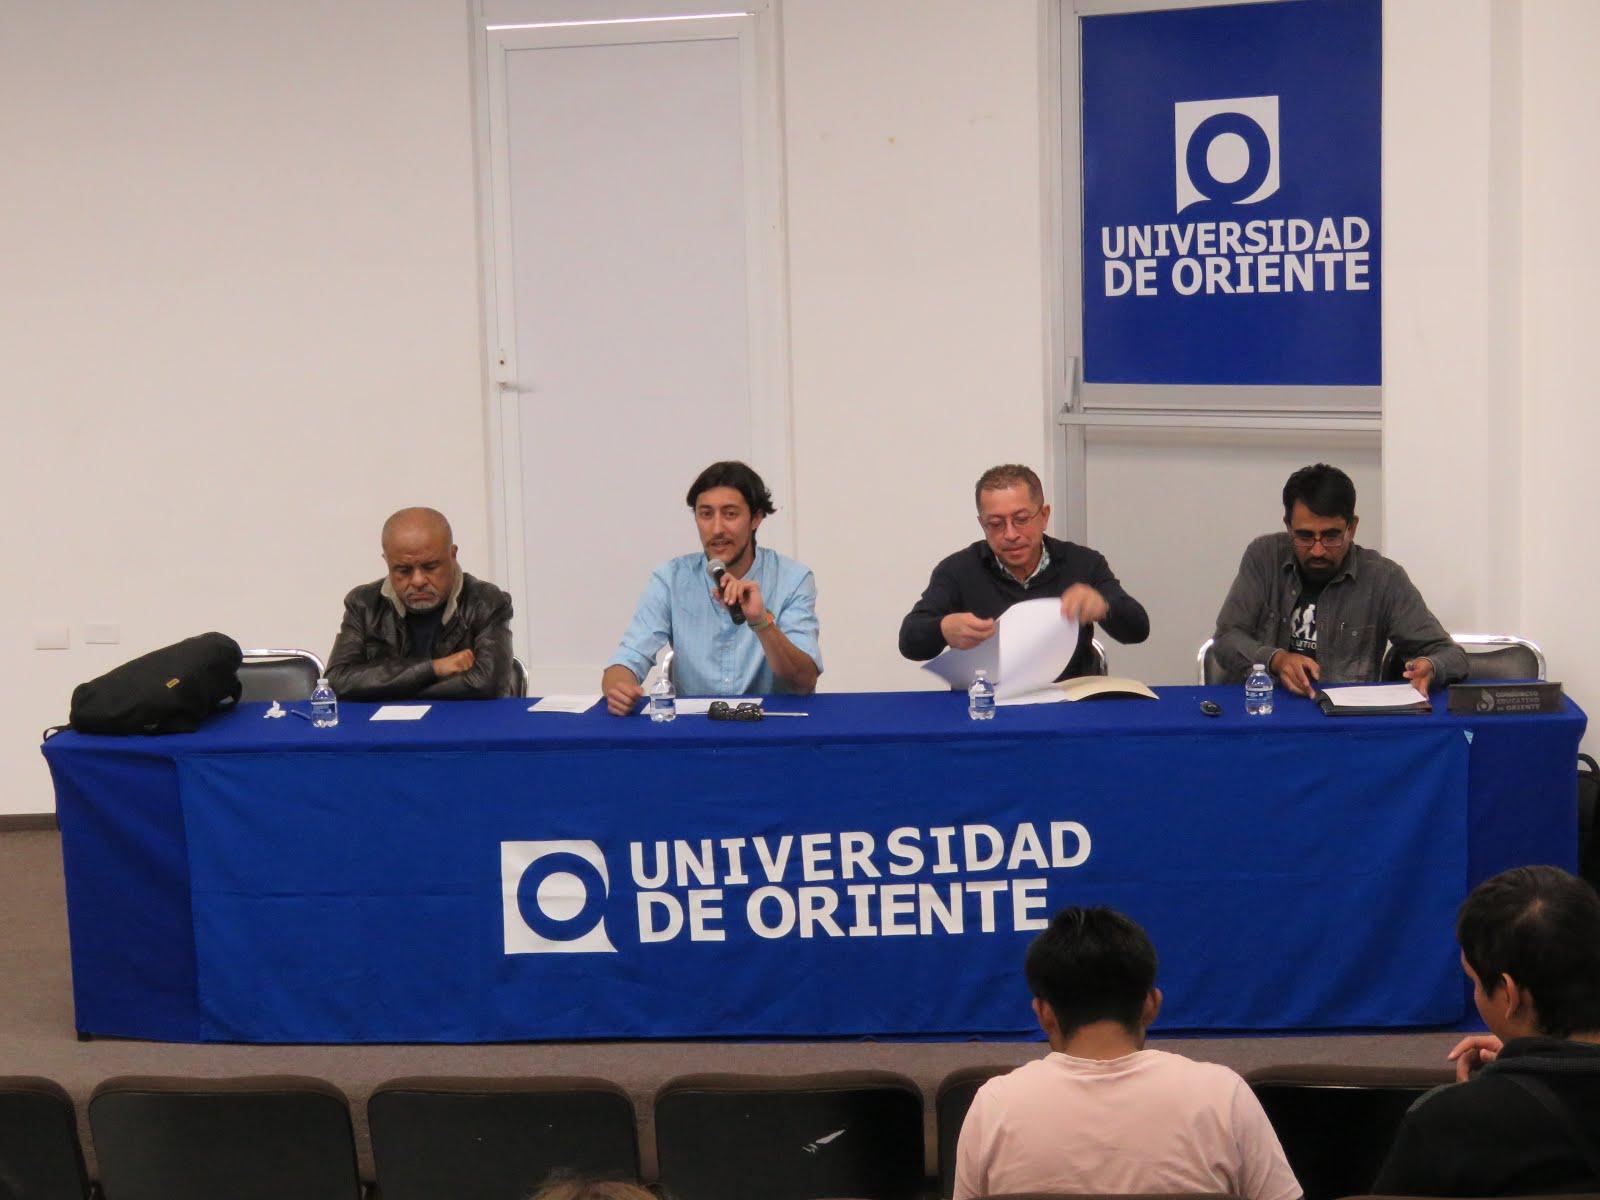 15 de feb. 2018. Ciclo de Conferencias: Las Epistemologías y las Artes a Debate. UdeO-Puebla.